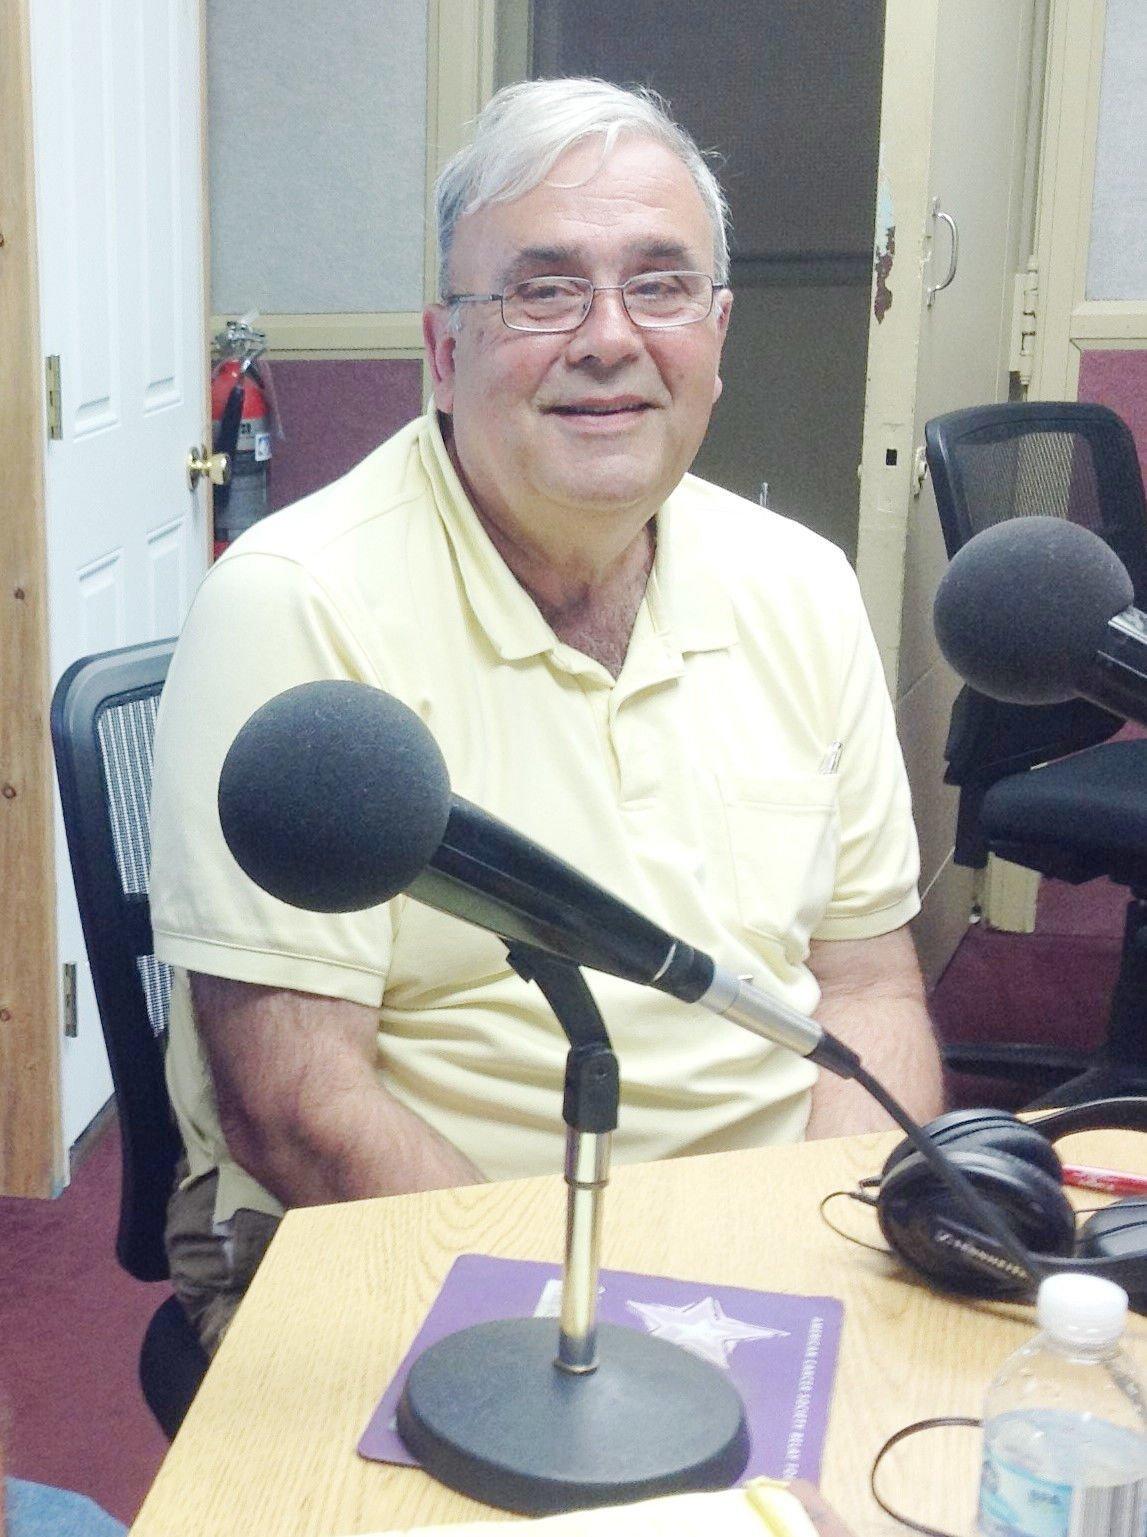 Radio Show Master Gardener John Bodensteiner.jpg